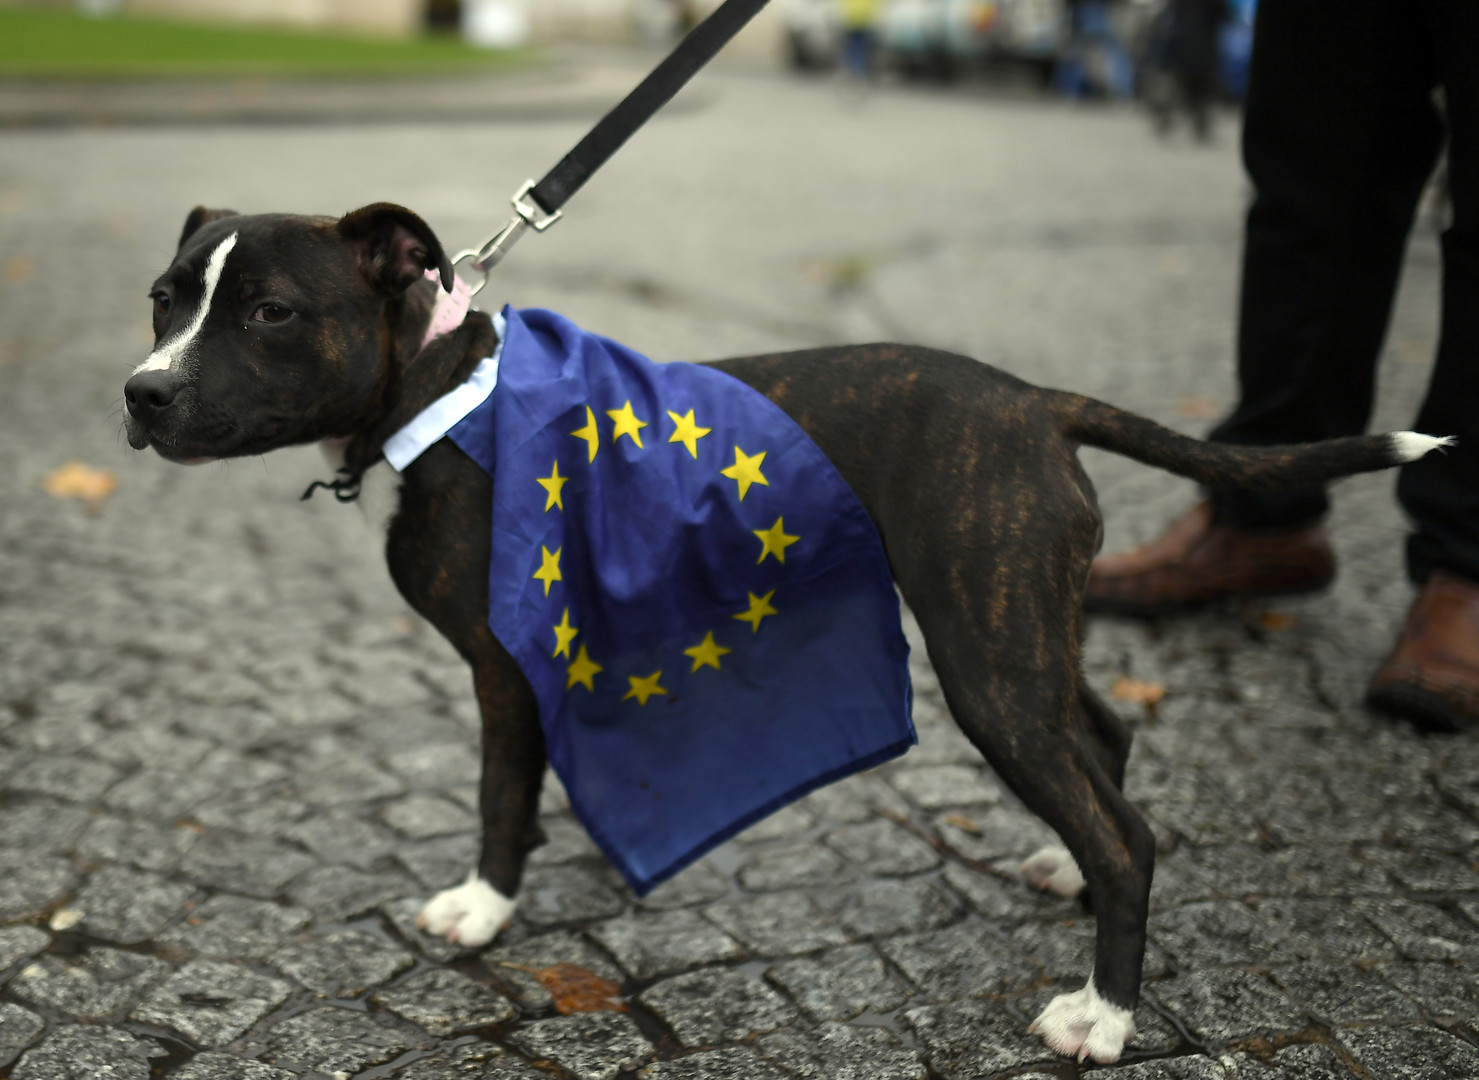 Plus dociles que les humains ? Des chiens défilent contre le Brexit (IMAGES)